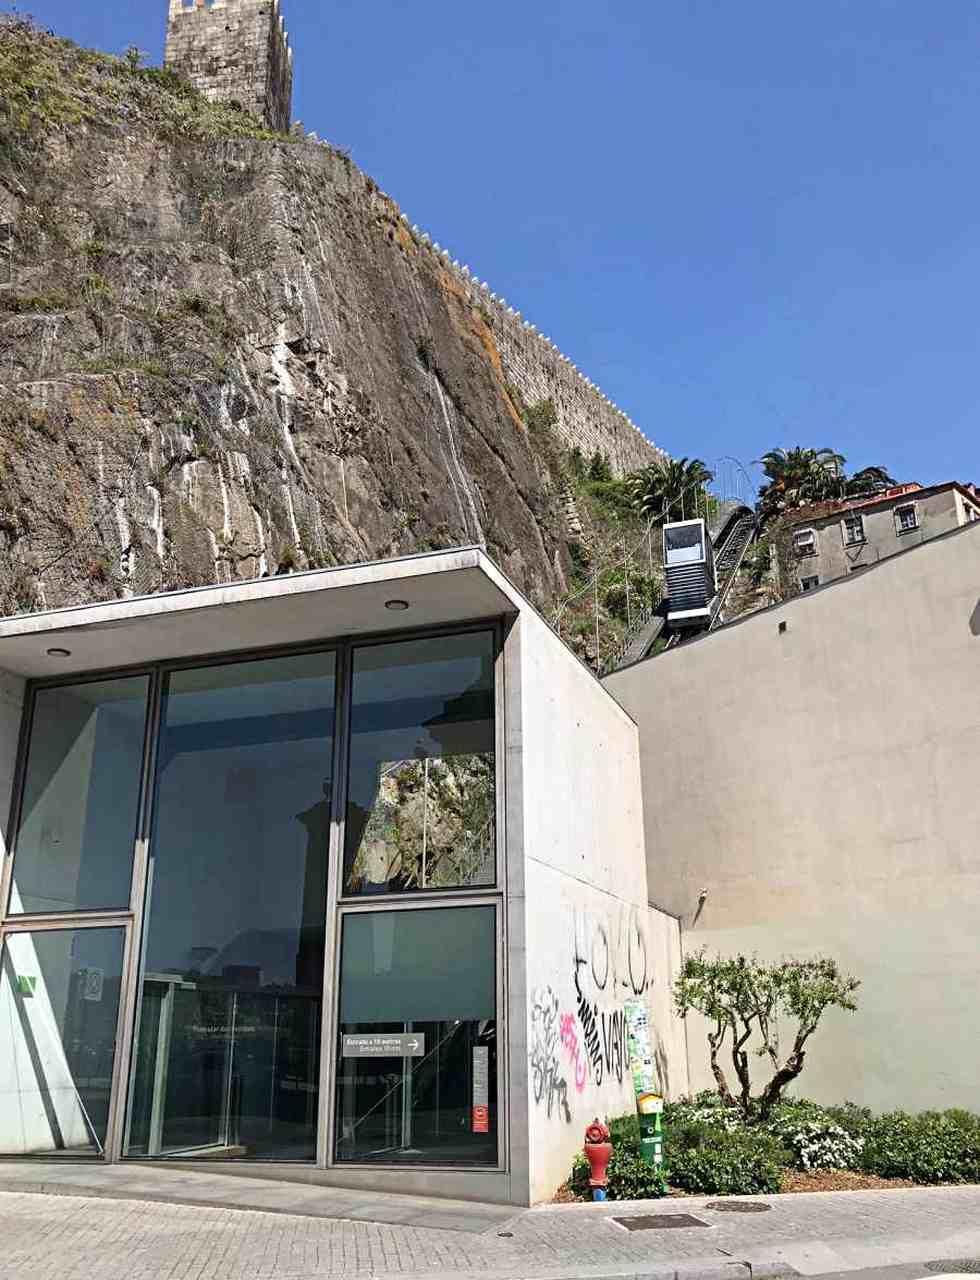 Vista do Funicular subindo - O que fazer em Porto Portugal